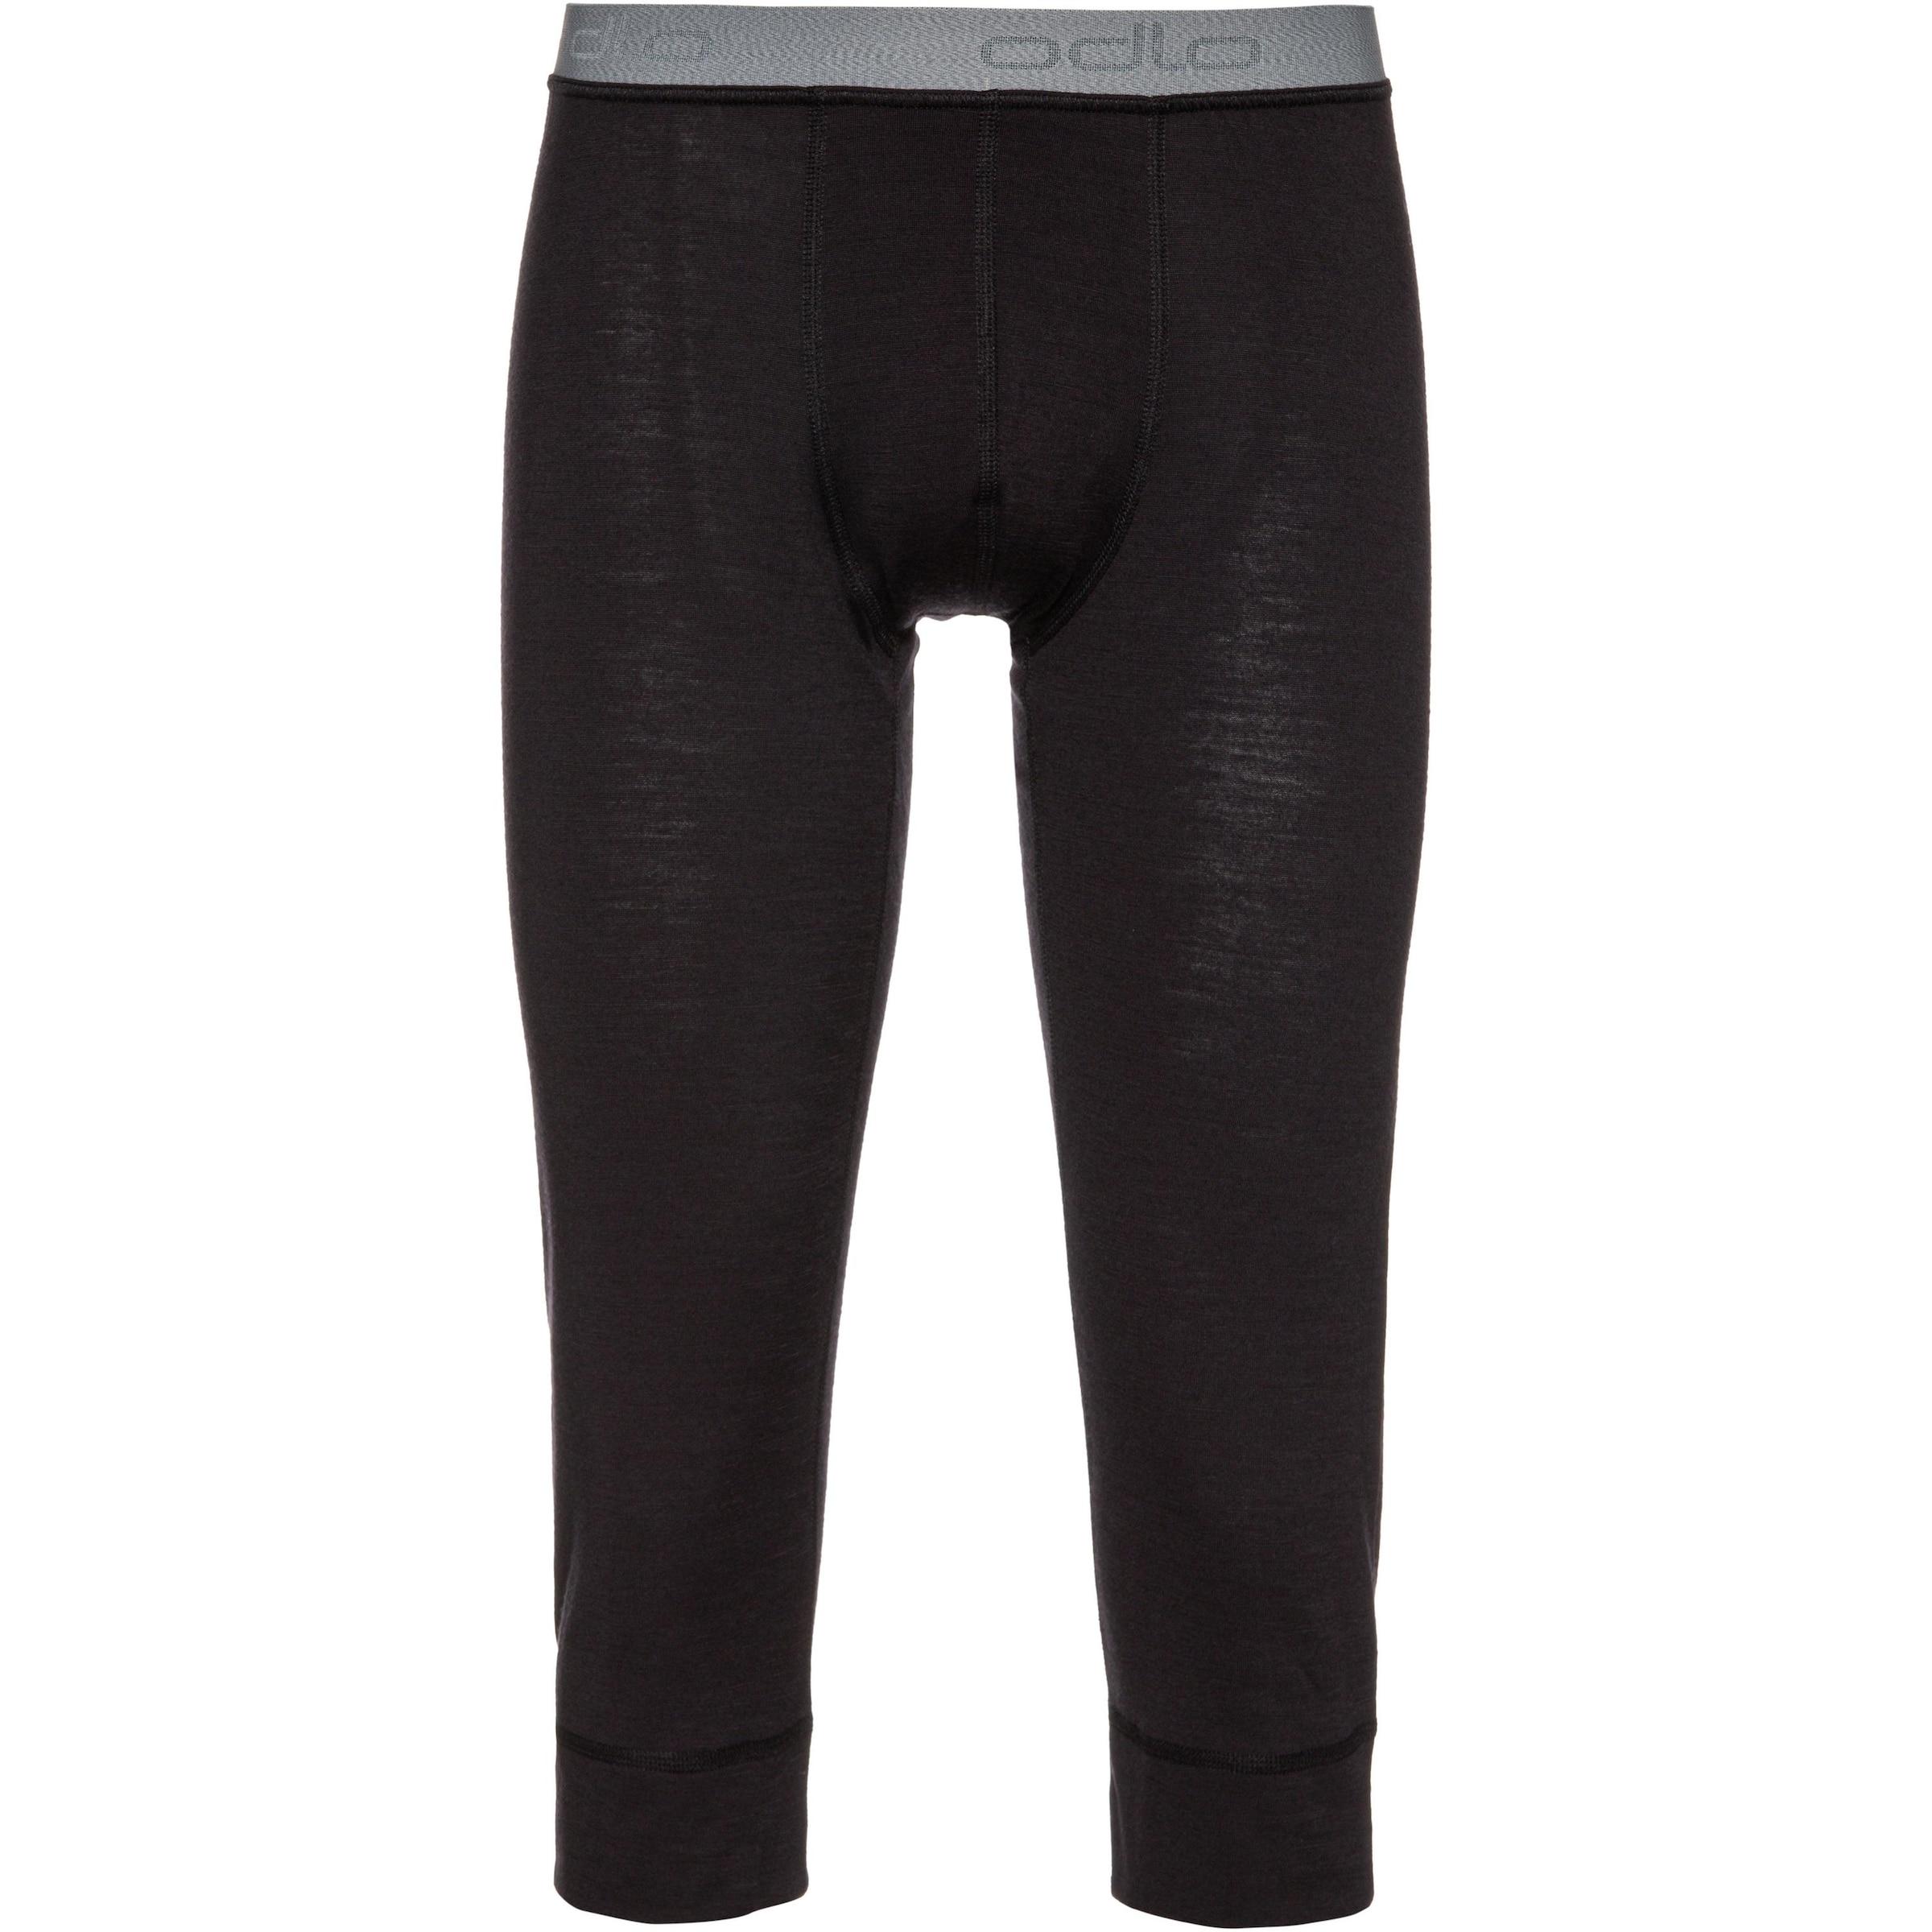 Herren ODLO Funktionsunterhose pink,  schwarz,  weiß, schwarz | 07613361356483